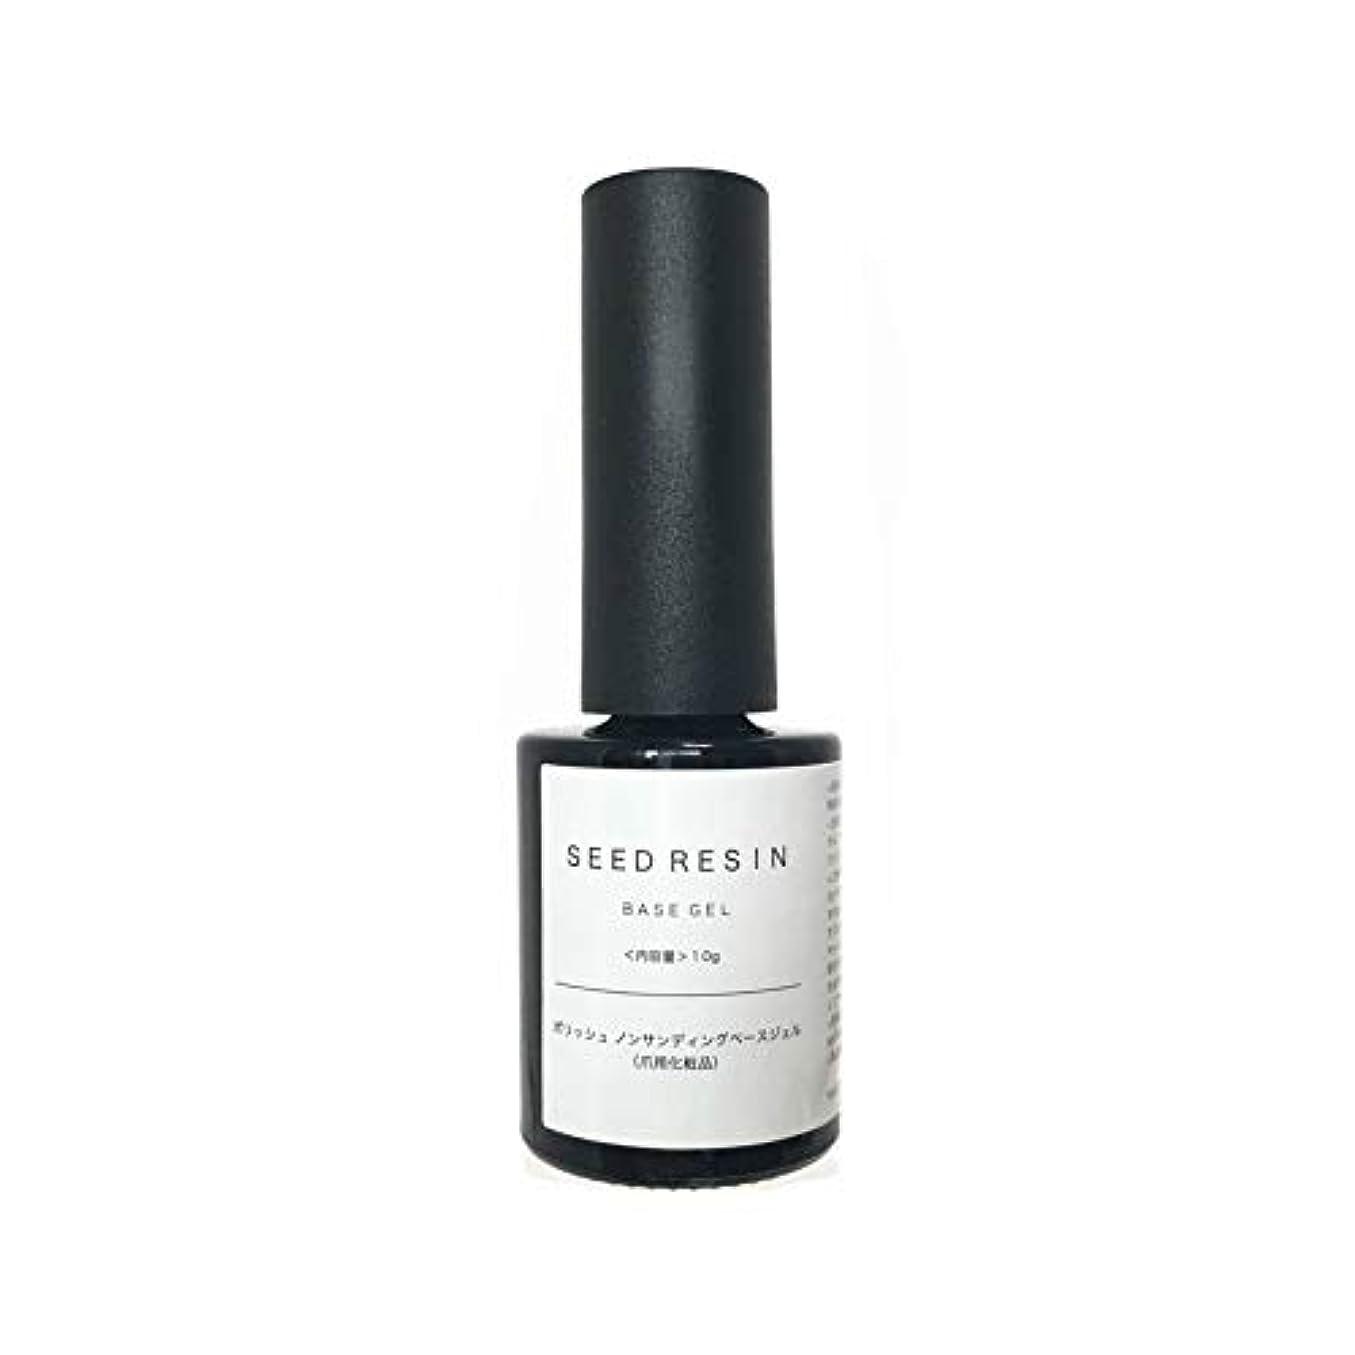 同様にまともな配置SEED RESIN(シードレジン) ジェルネイル ポリッシュ ノンサンディング ベースジェル 10g 爪用化粧品 日本製